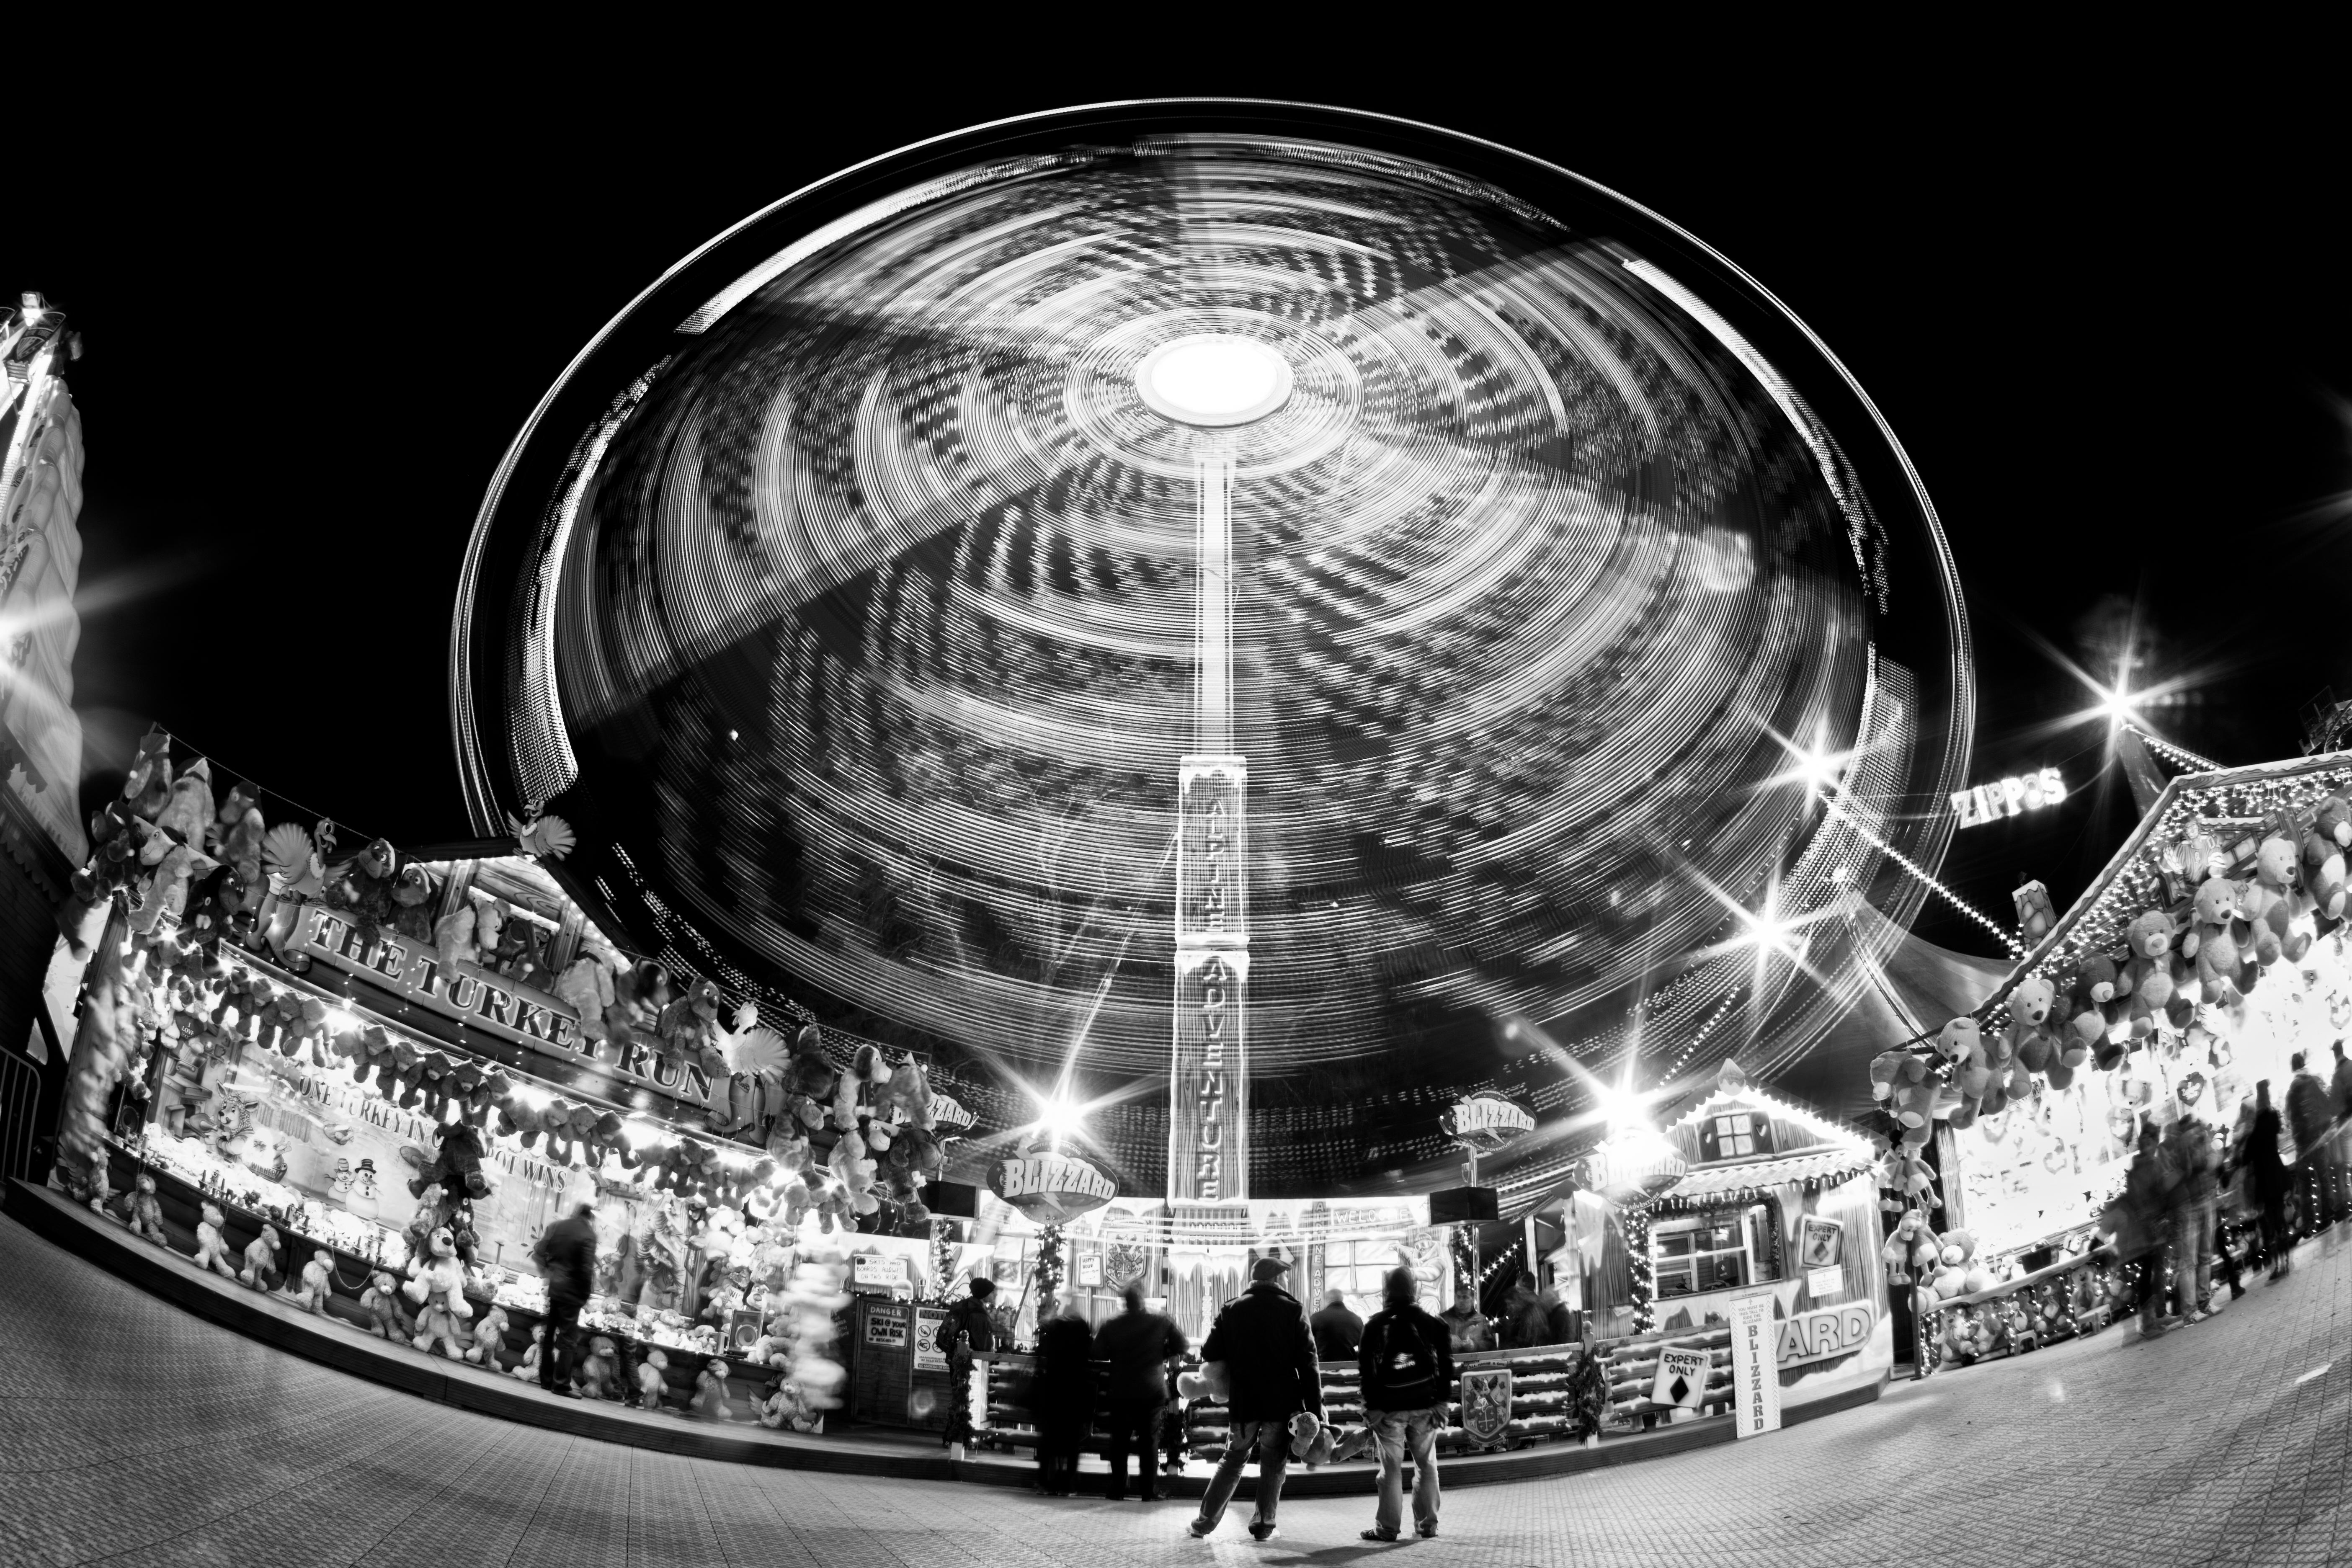 File:Winter Wonderland Wheel, Hyde Park.jpg - Wikimedia ...